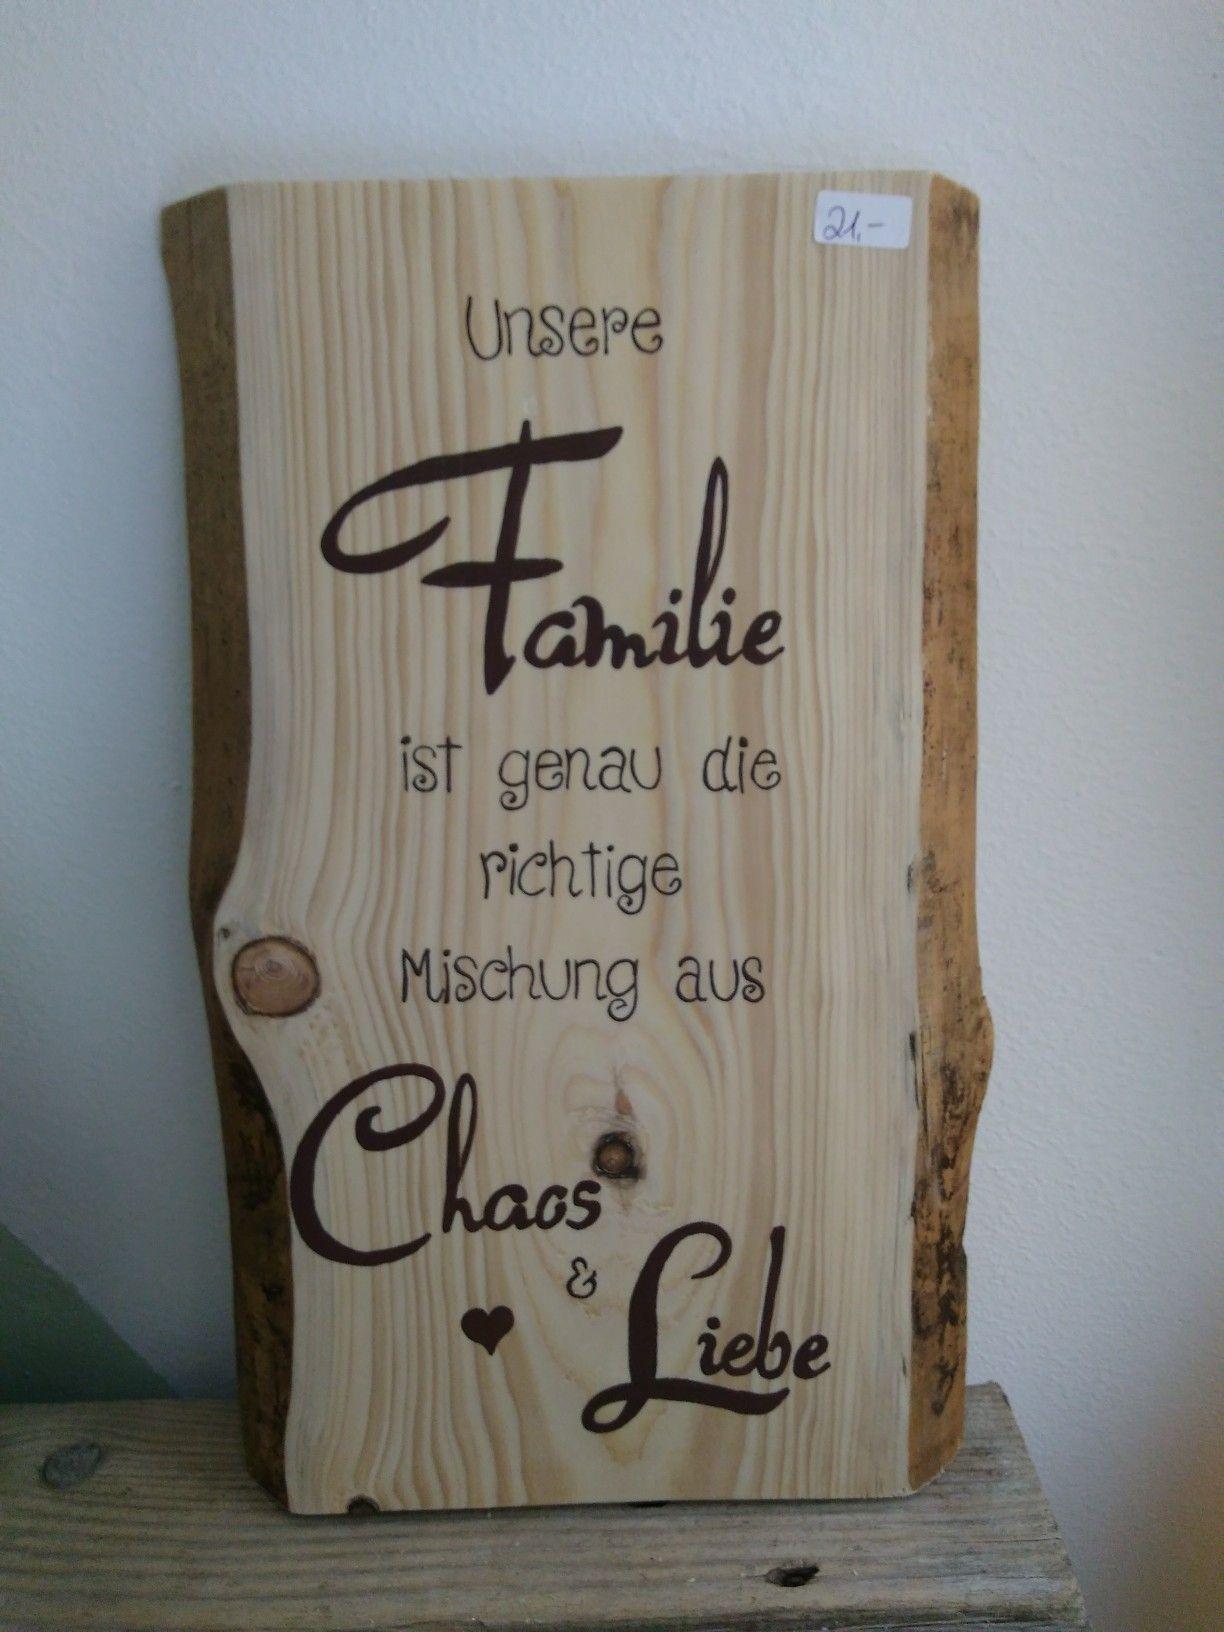 Holz Geschenk Spruch Familie Beschriftet Geburtstag Holzgeschenke Geschenk Spruche Geschenke Aus Holz